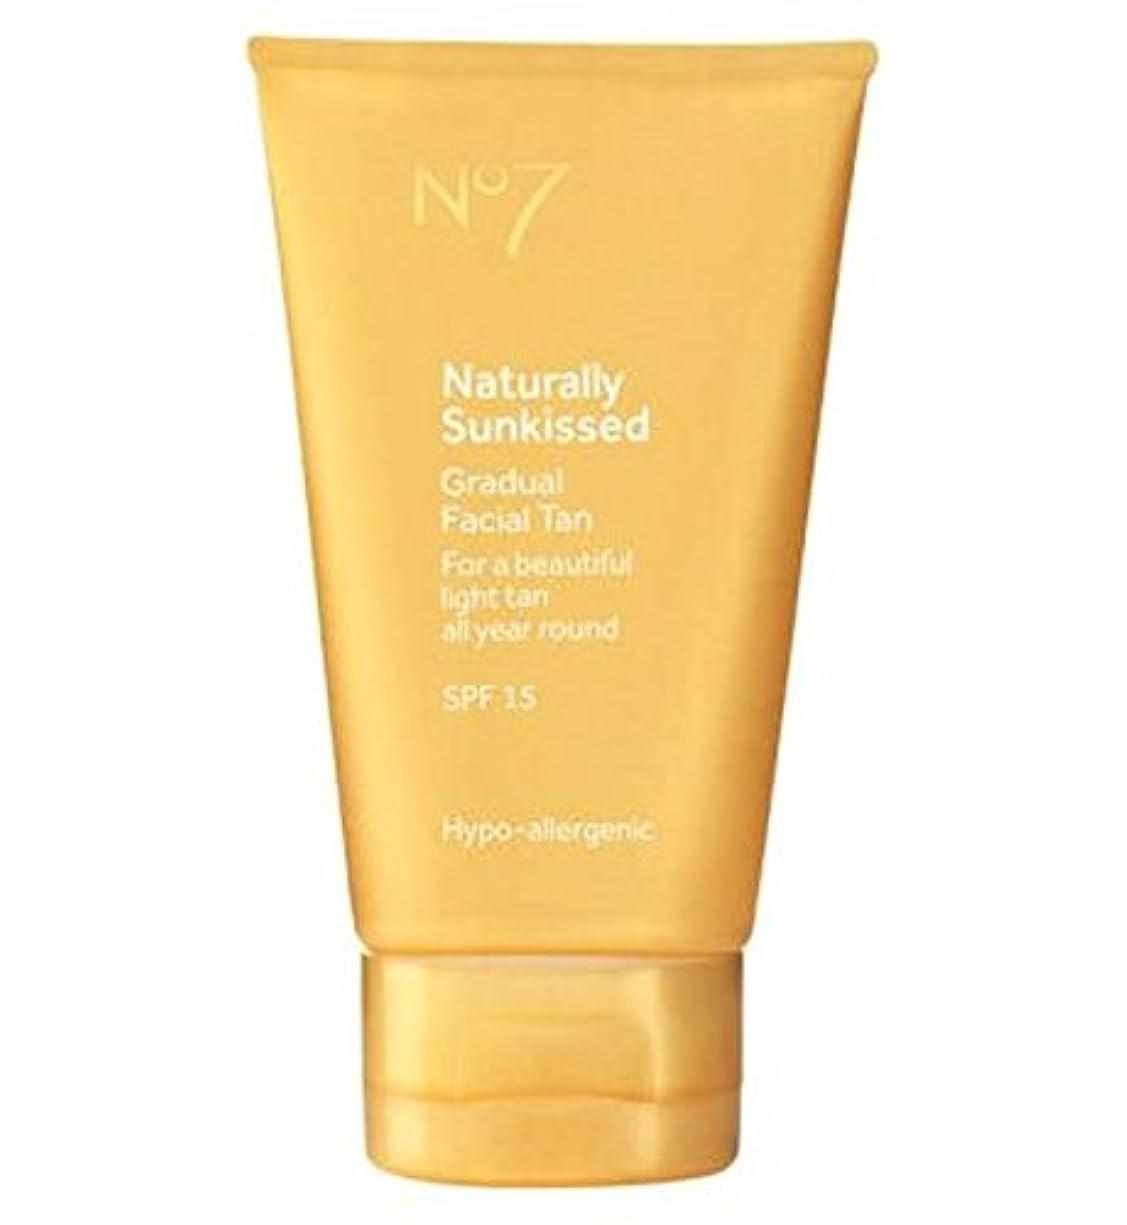 荒涼とした素晴らしいブラウズNo7 Naturally Sun Kissed Gradual Face Tan SP15 - No7は自然に太陽が緩やかな顔日焼けSp15にキスをしました (No7) [並行輸入品]